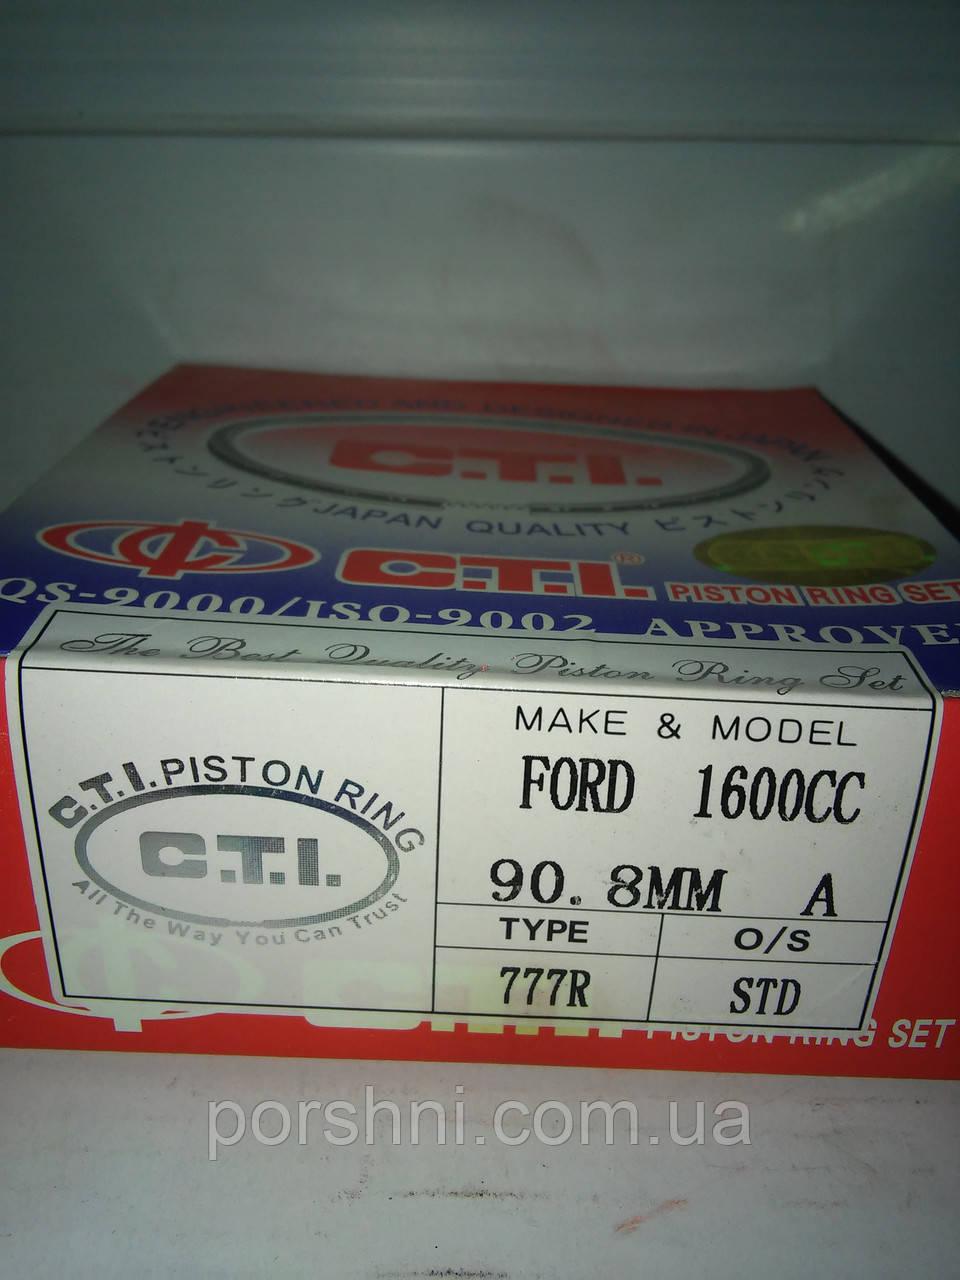 Кільця Форд Скорпіо 90,8 STD ( 2 x 2,5 x 4 ) 2,0 ОНБ . CTI